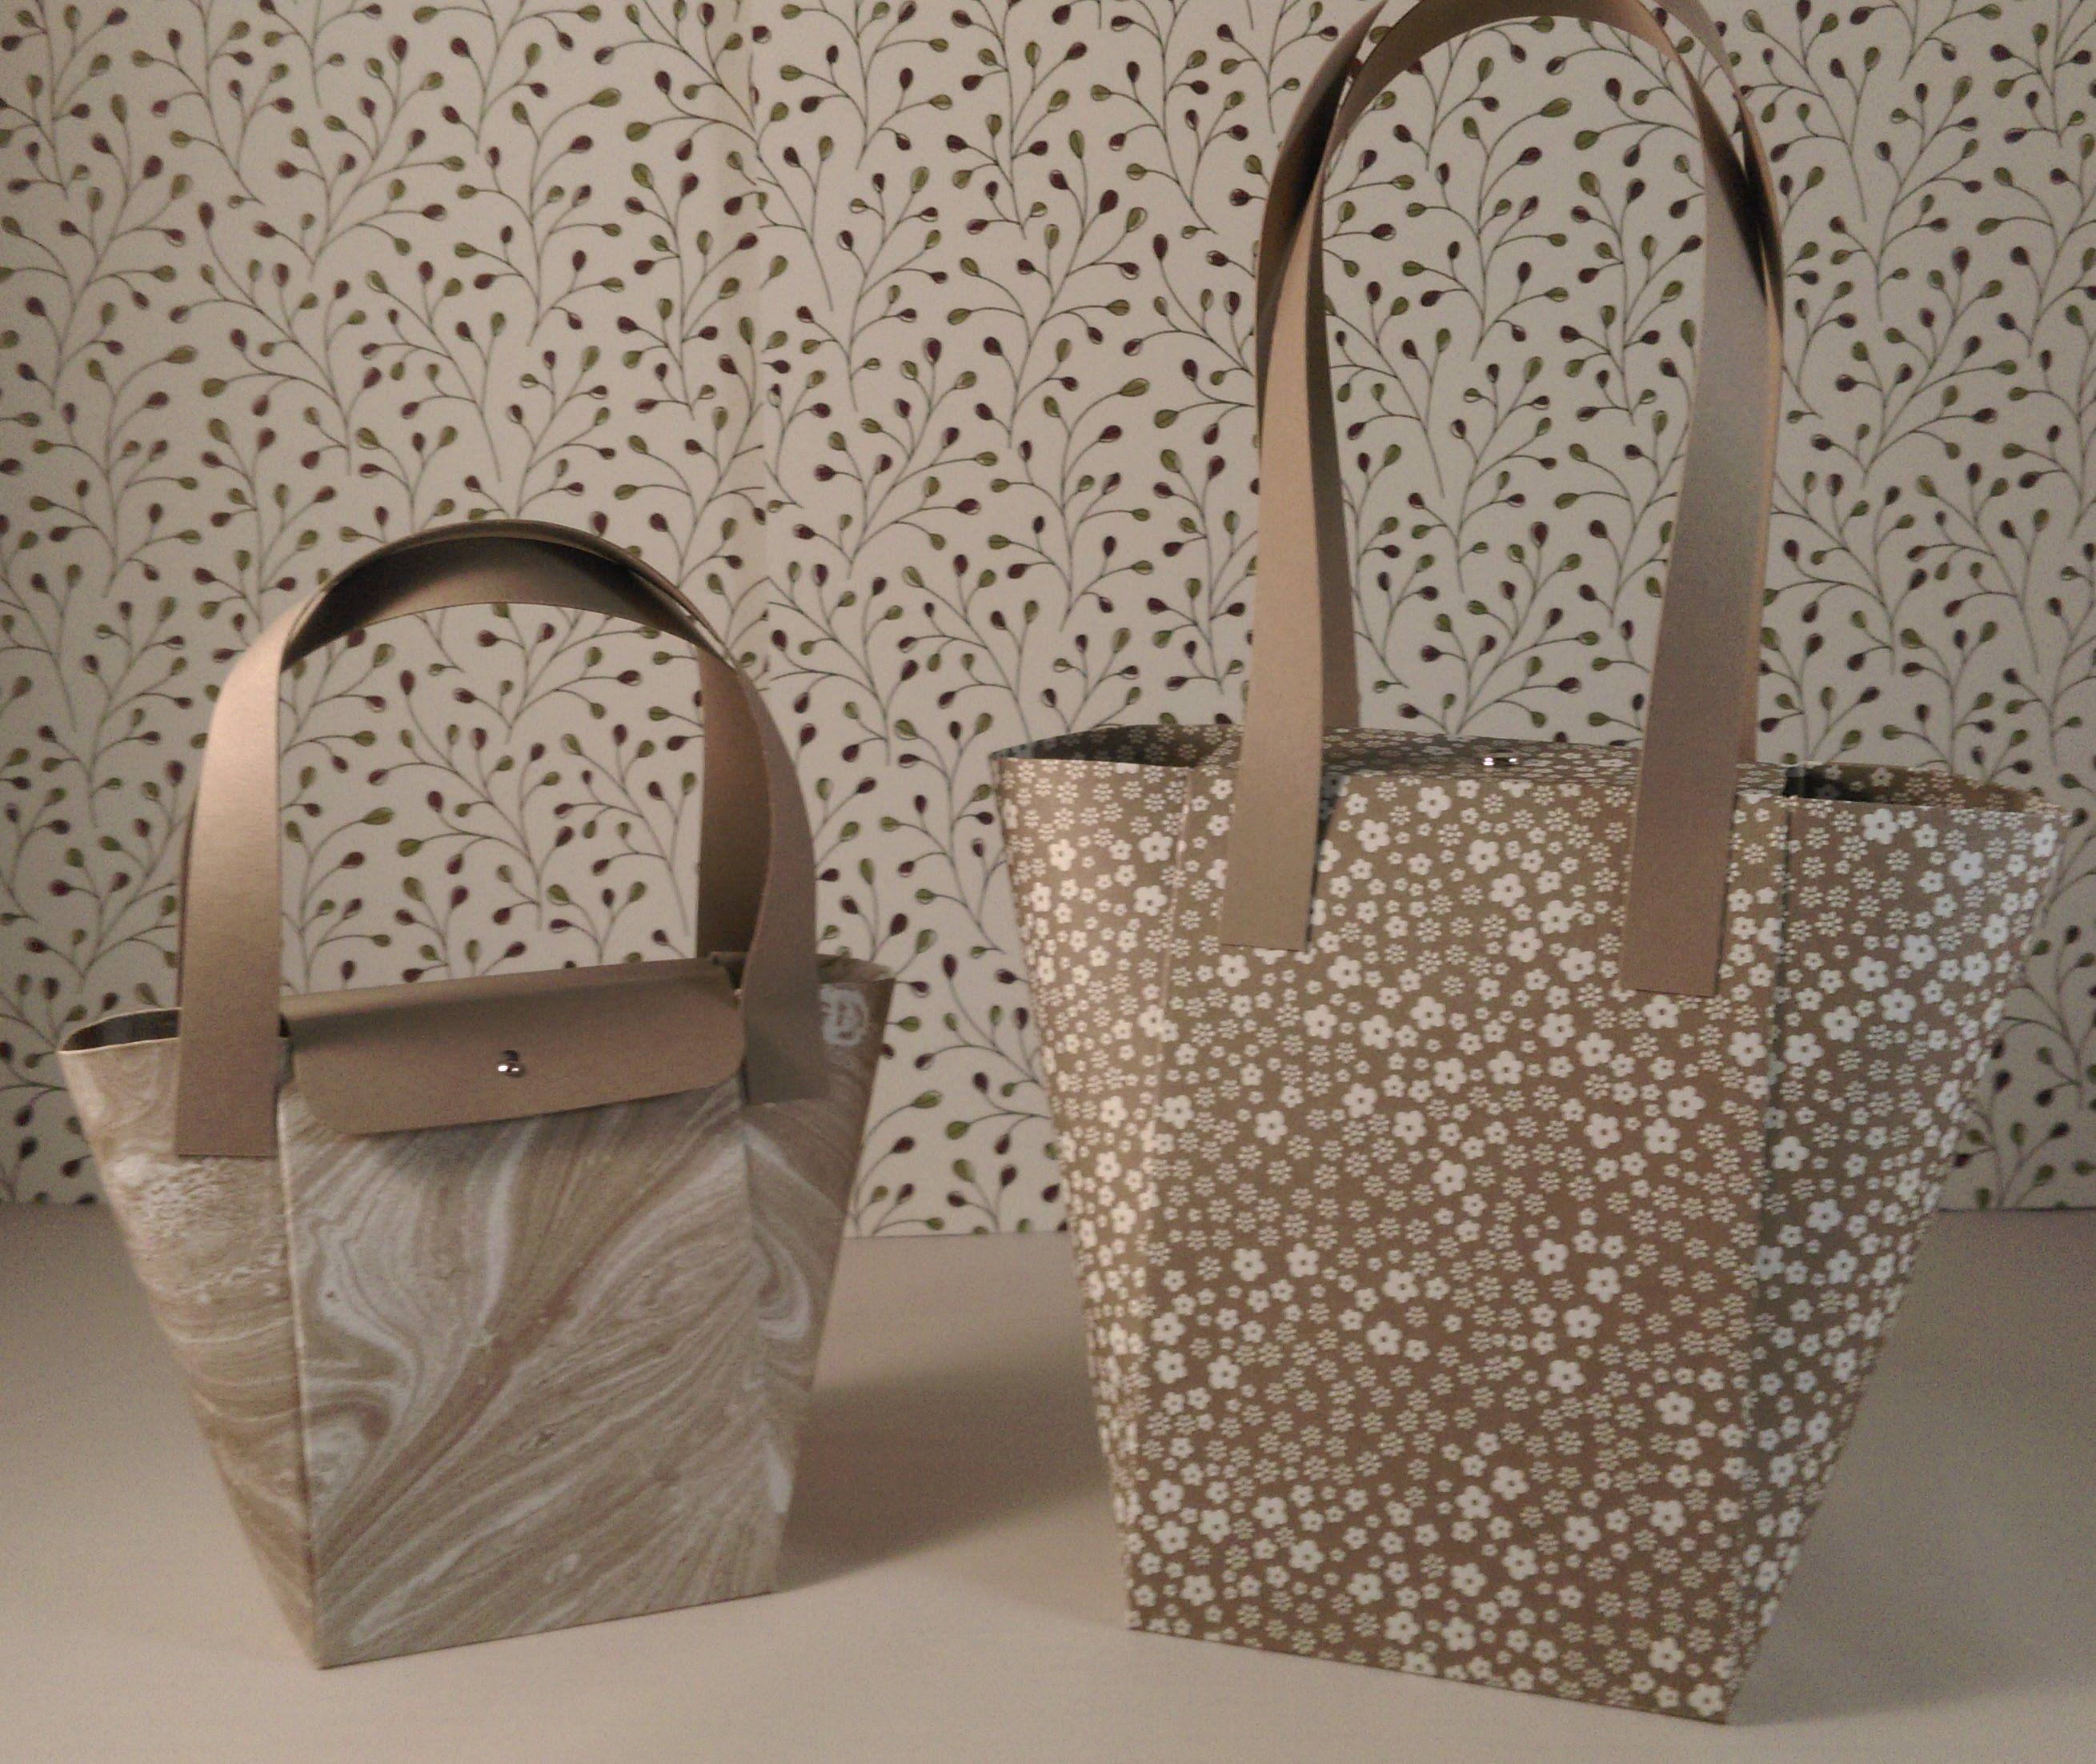 anleitung gro e strandtasche shopper bastelvideos taschen geschenke und geschenke verpacken. Black Bedroom Furniture Sets. Home Design Ideas